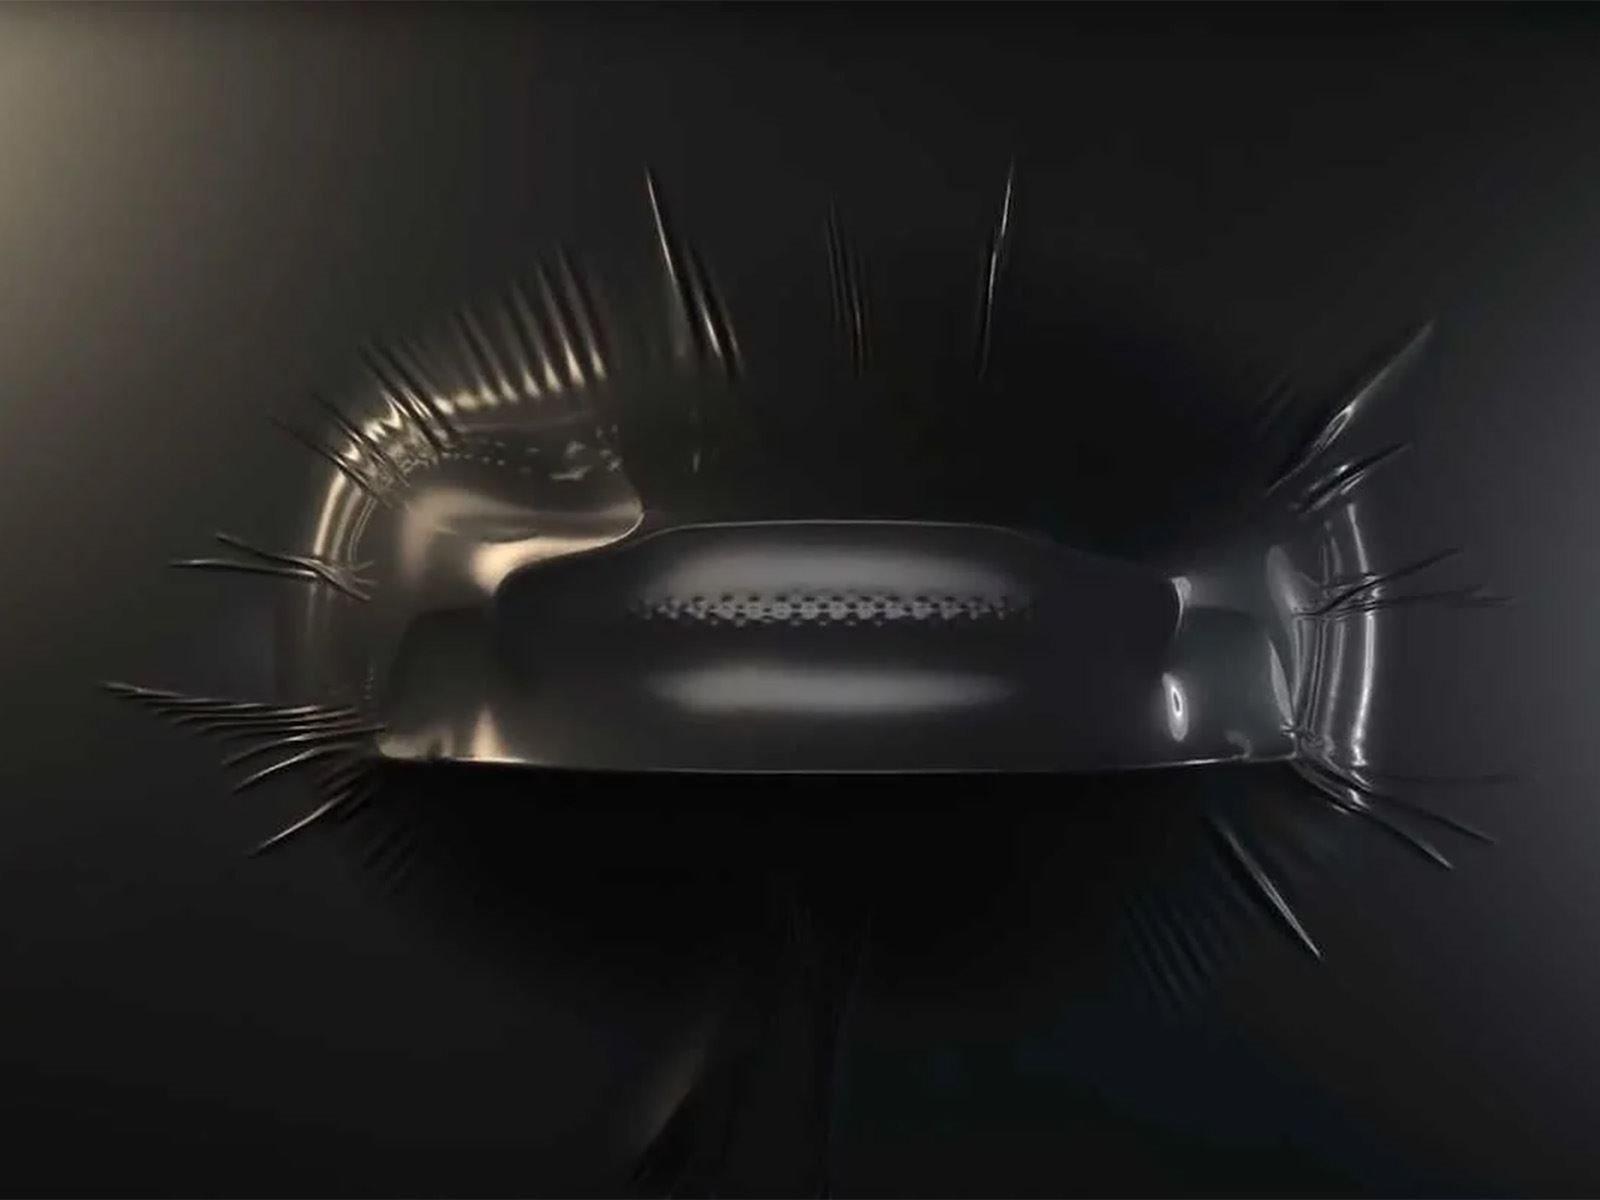 Использование названия Superleggera, которое с итальянского означает «супер-свет», также намекает на экстремальные возможности автомобиля и напоминает об оригинальном DBS 1967 года.